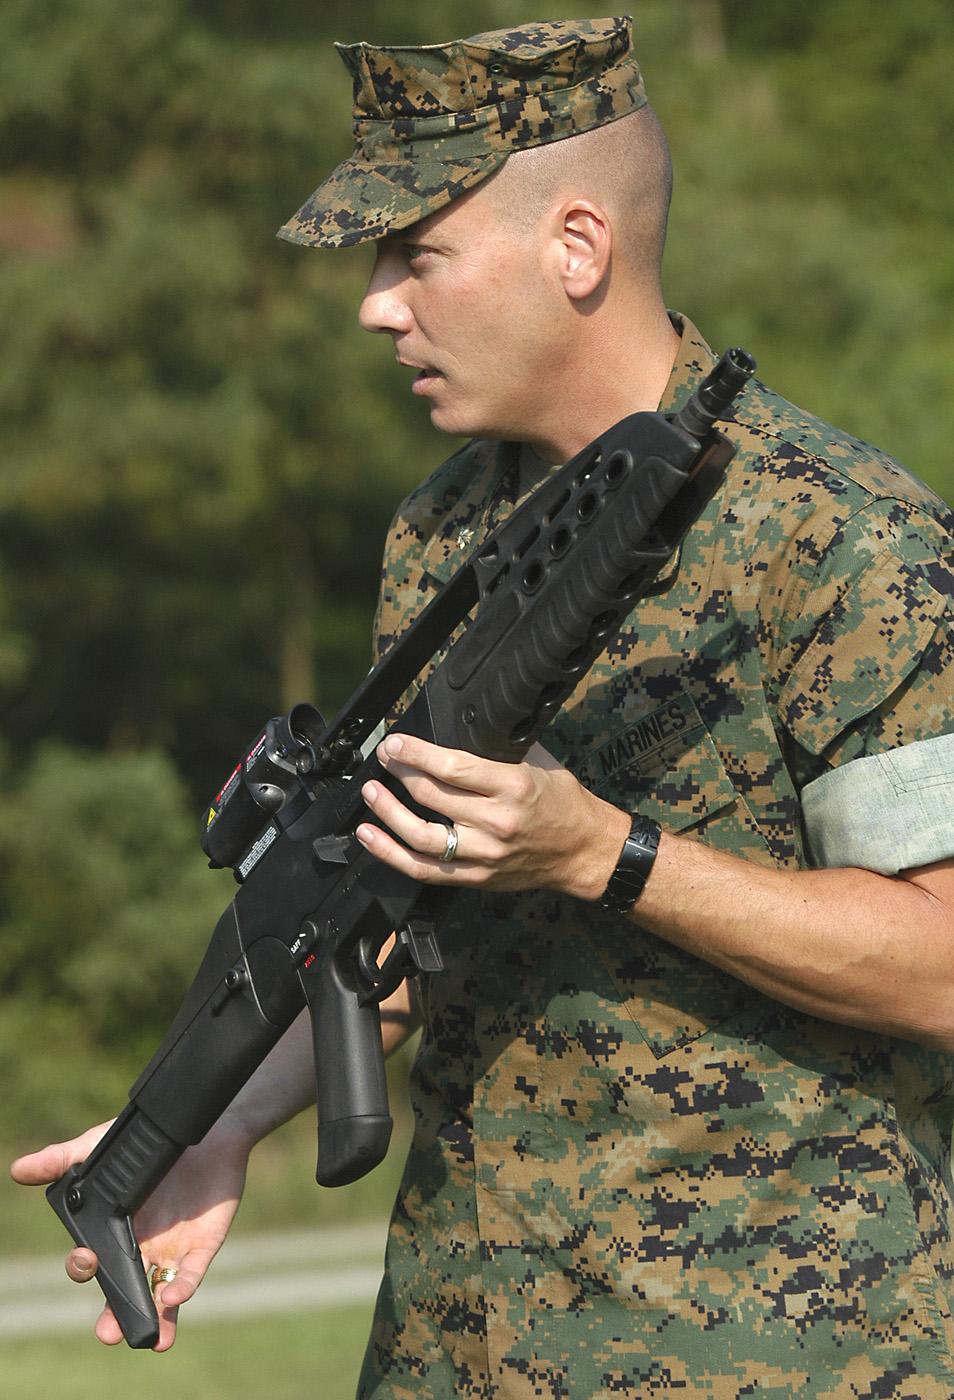 XM8 rifle - Wikipedia